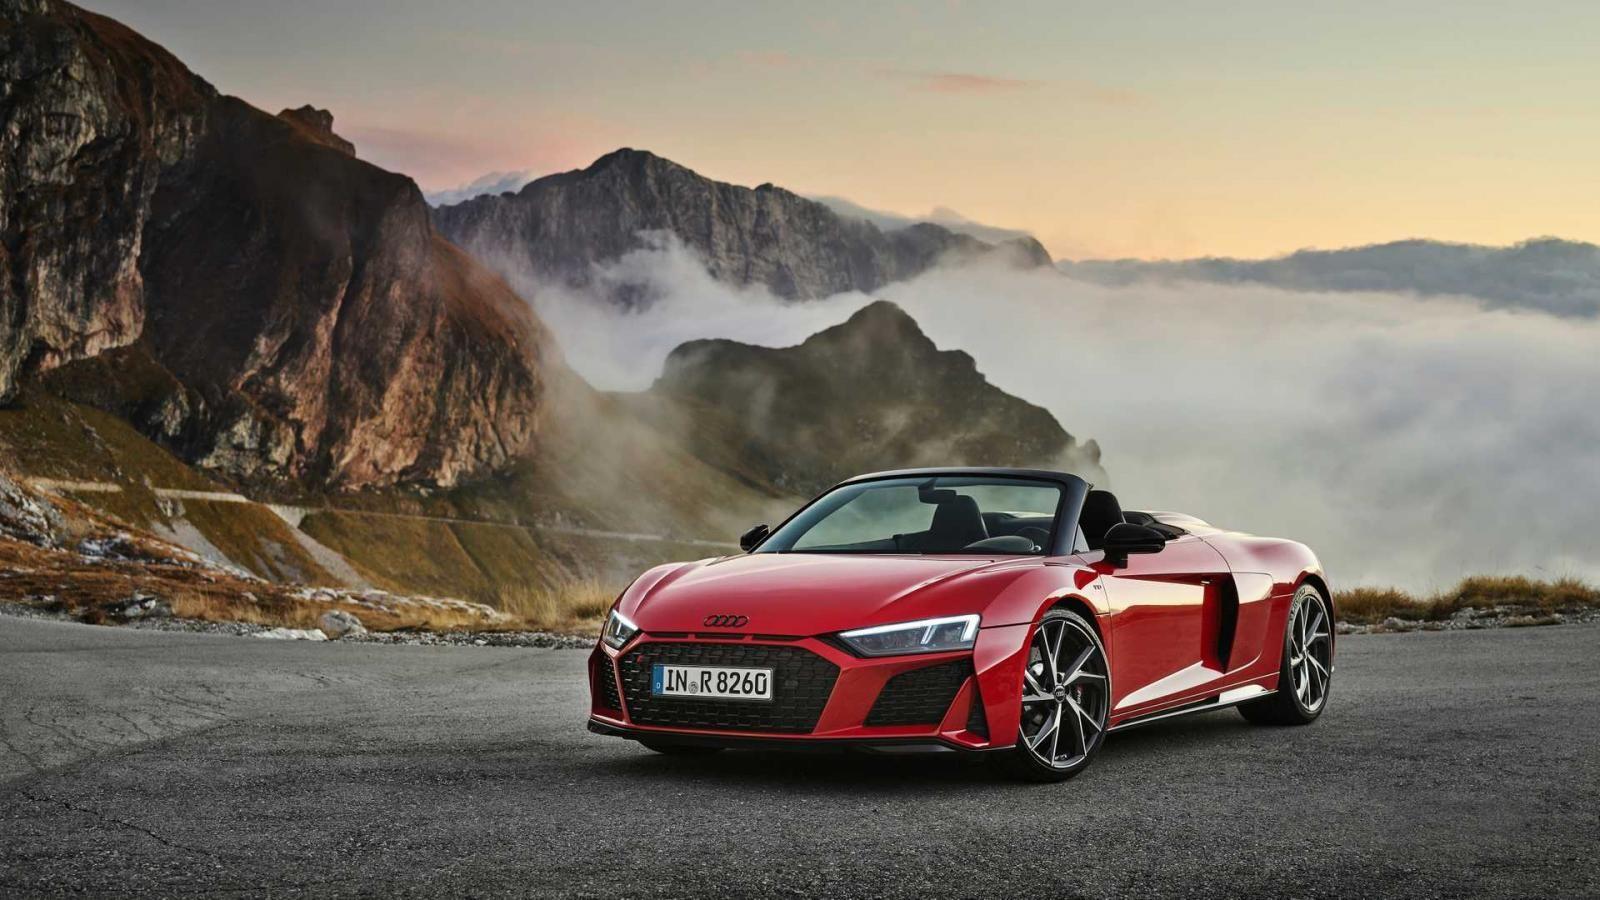 Epingle Par Automexico Sur Audi R8 V10 Rwd 2020 Audi R8 Spyder Audi R8 Audi